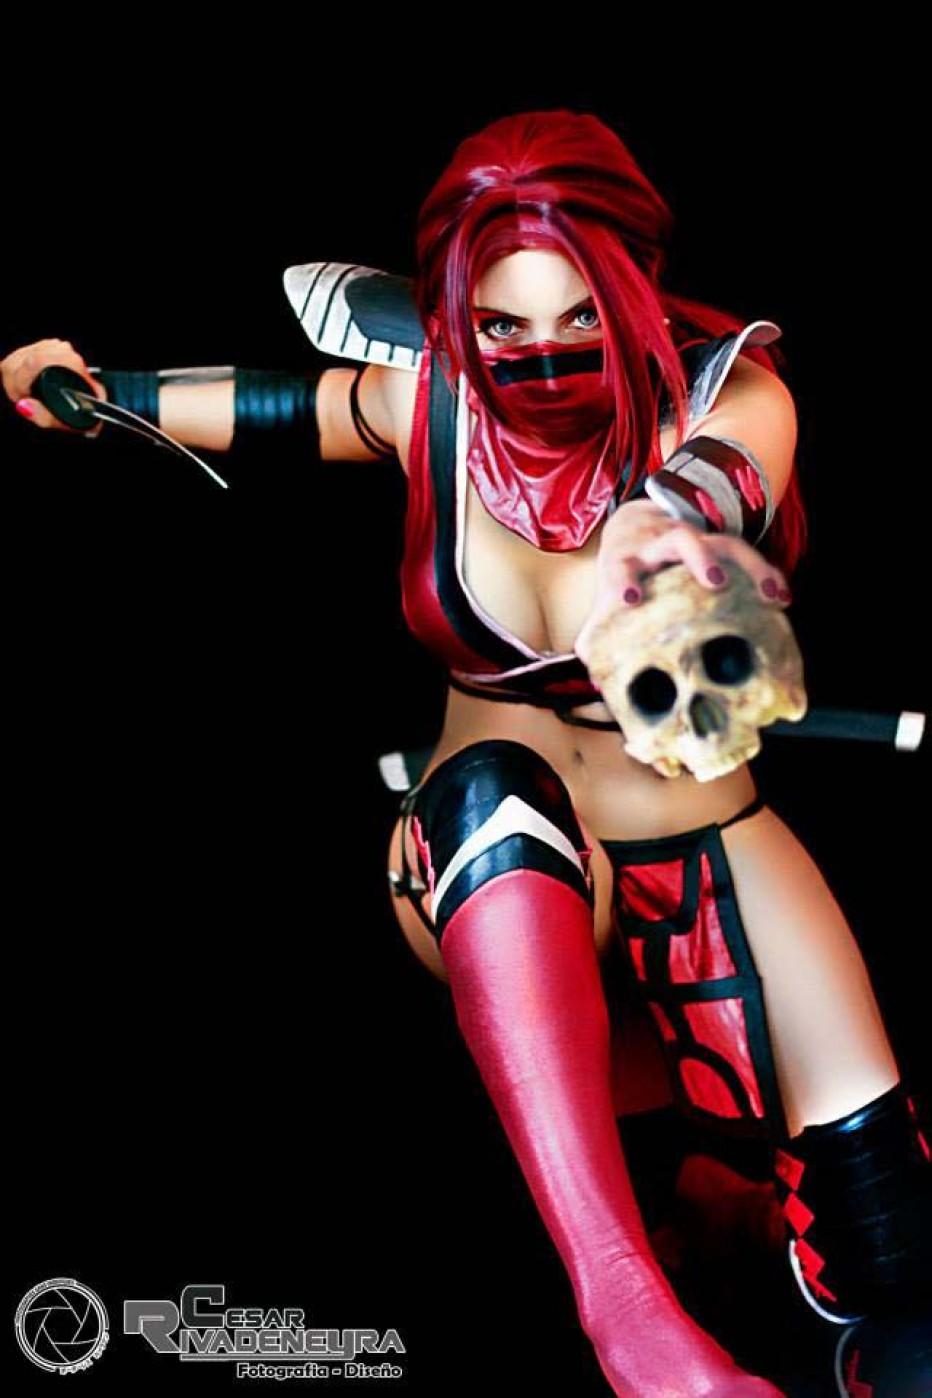 Mortal-Kombat-Skarlet-Cosplay-Gamers-Heroes-6.jpg